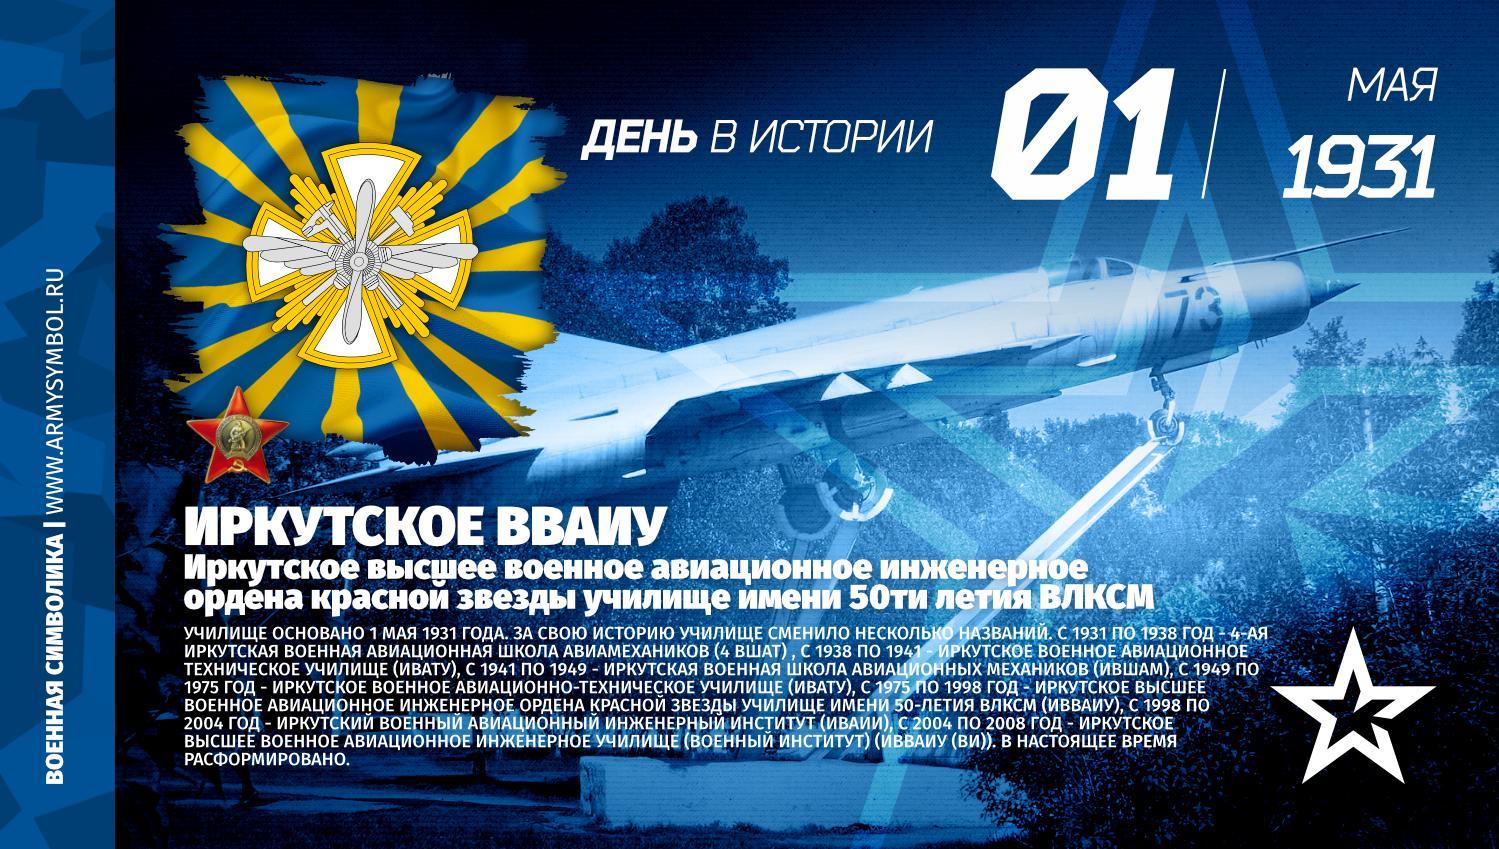 Раскладушка цветами, с праздником иркутский военный авиационный инженерный институт открытки картинки